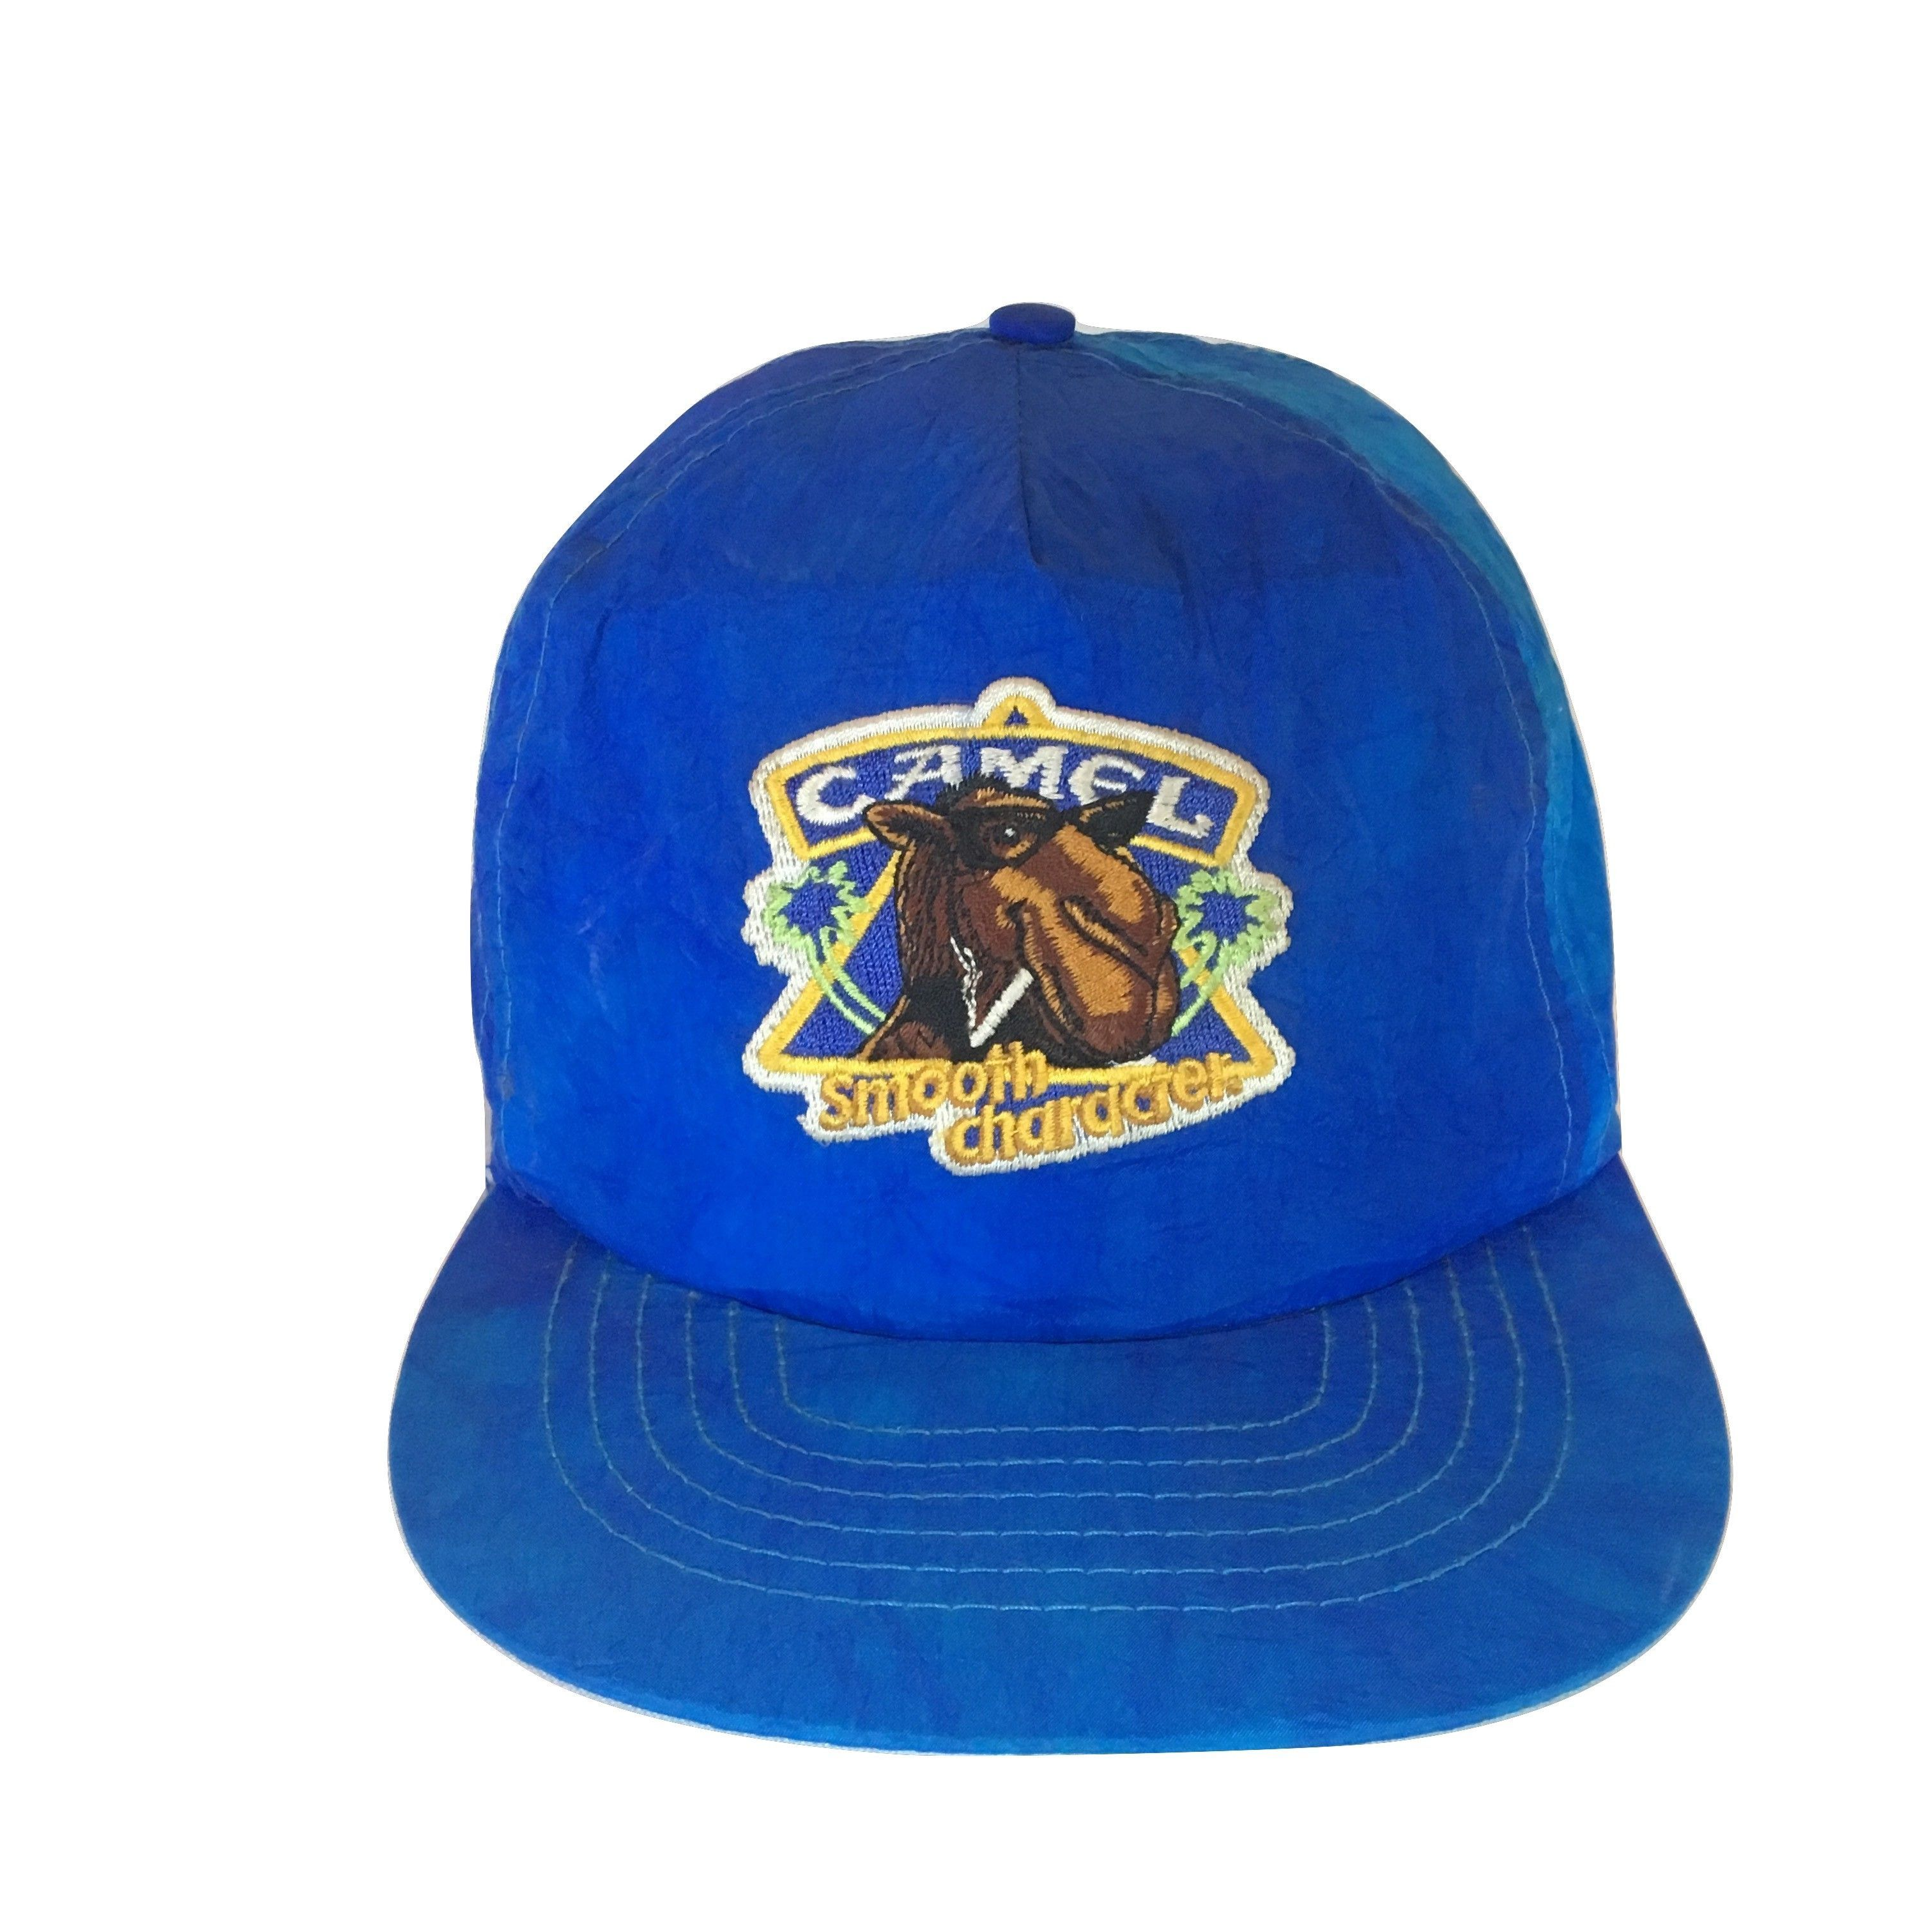 Vintage Camel Cigarettes Snapback Hat